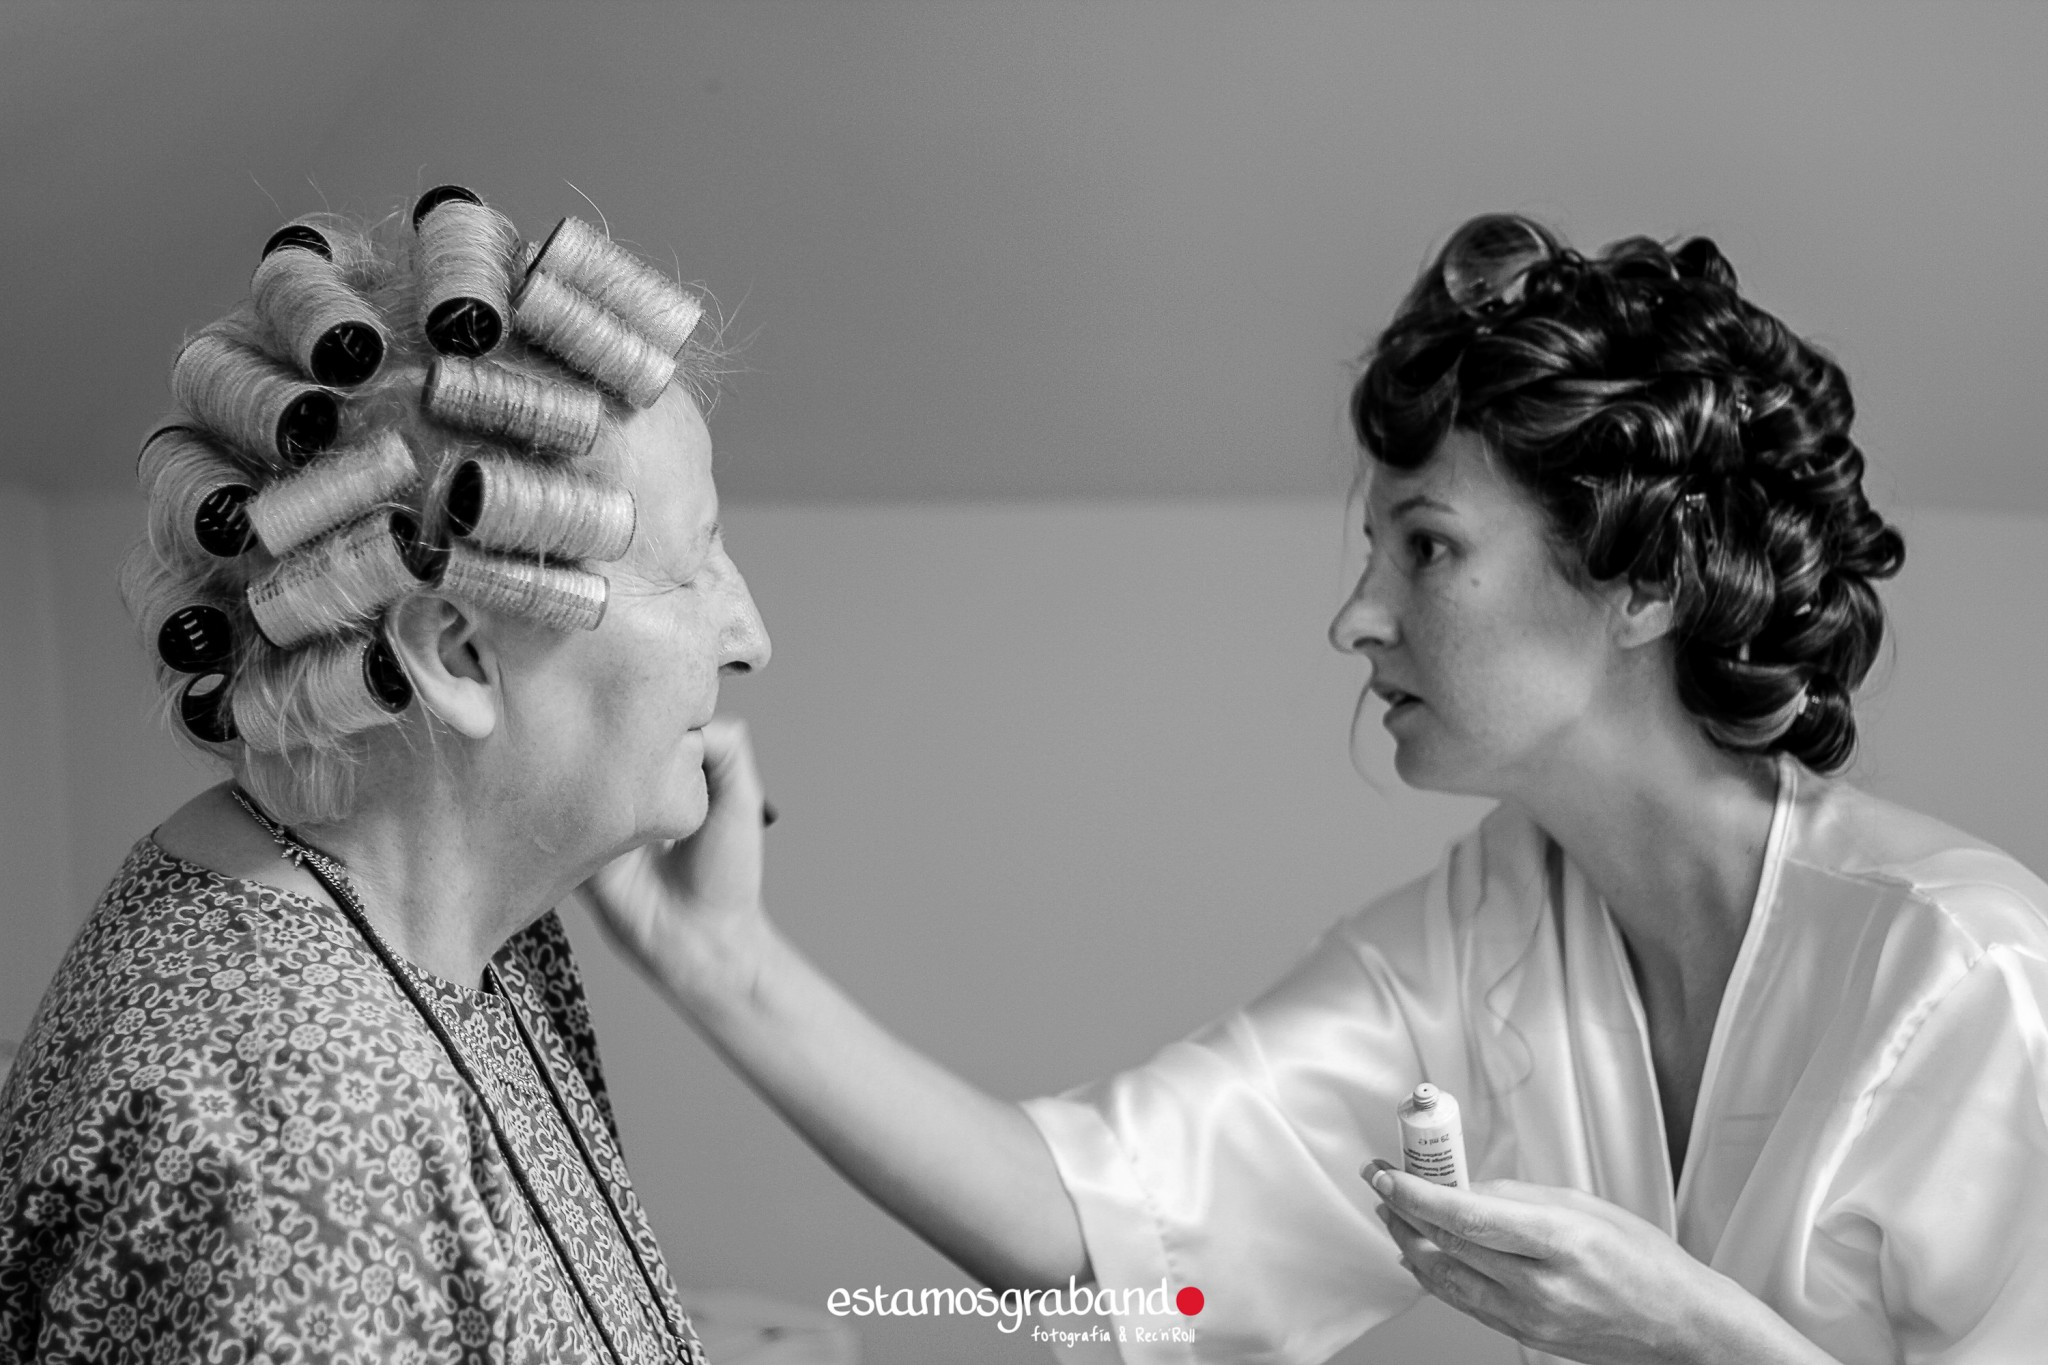 bee-y-juan La boda de Braveheart (Spanish version)_Vee & Juan - video boda cadiz